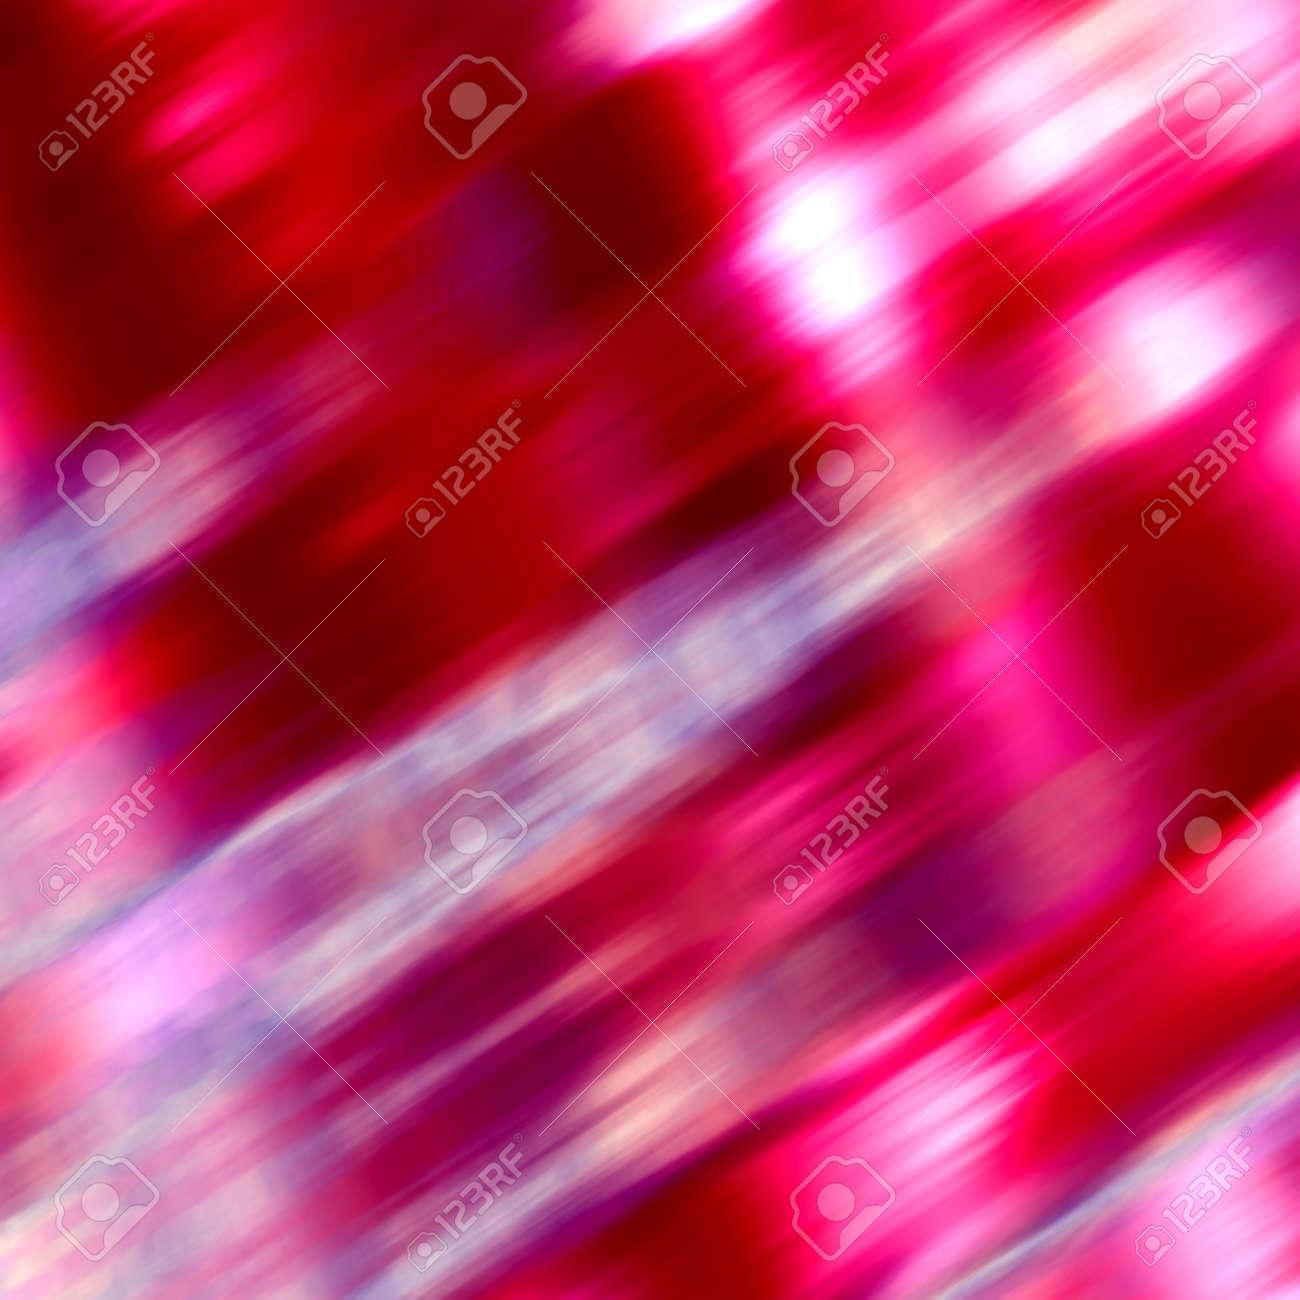 Strahlend Weiße Und Rote Schmiert. Weiche Lebendige Glühen. Kühle ...